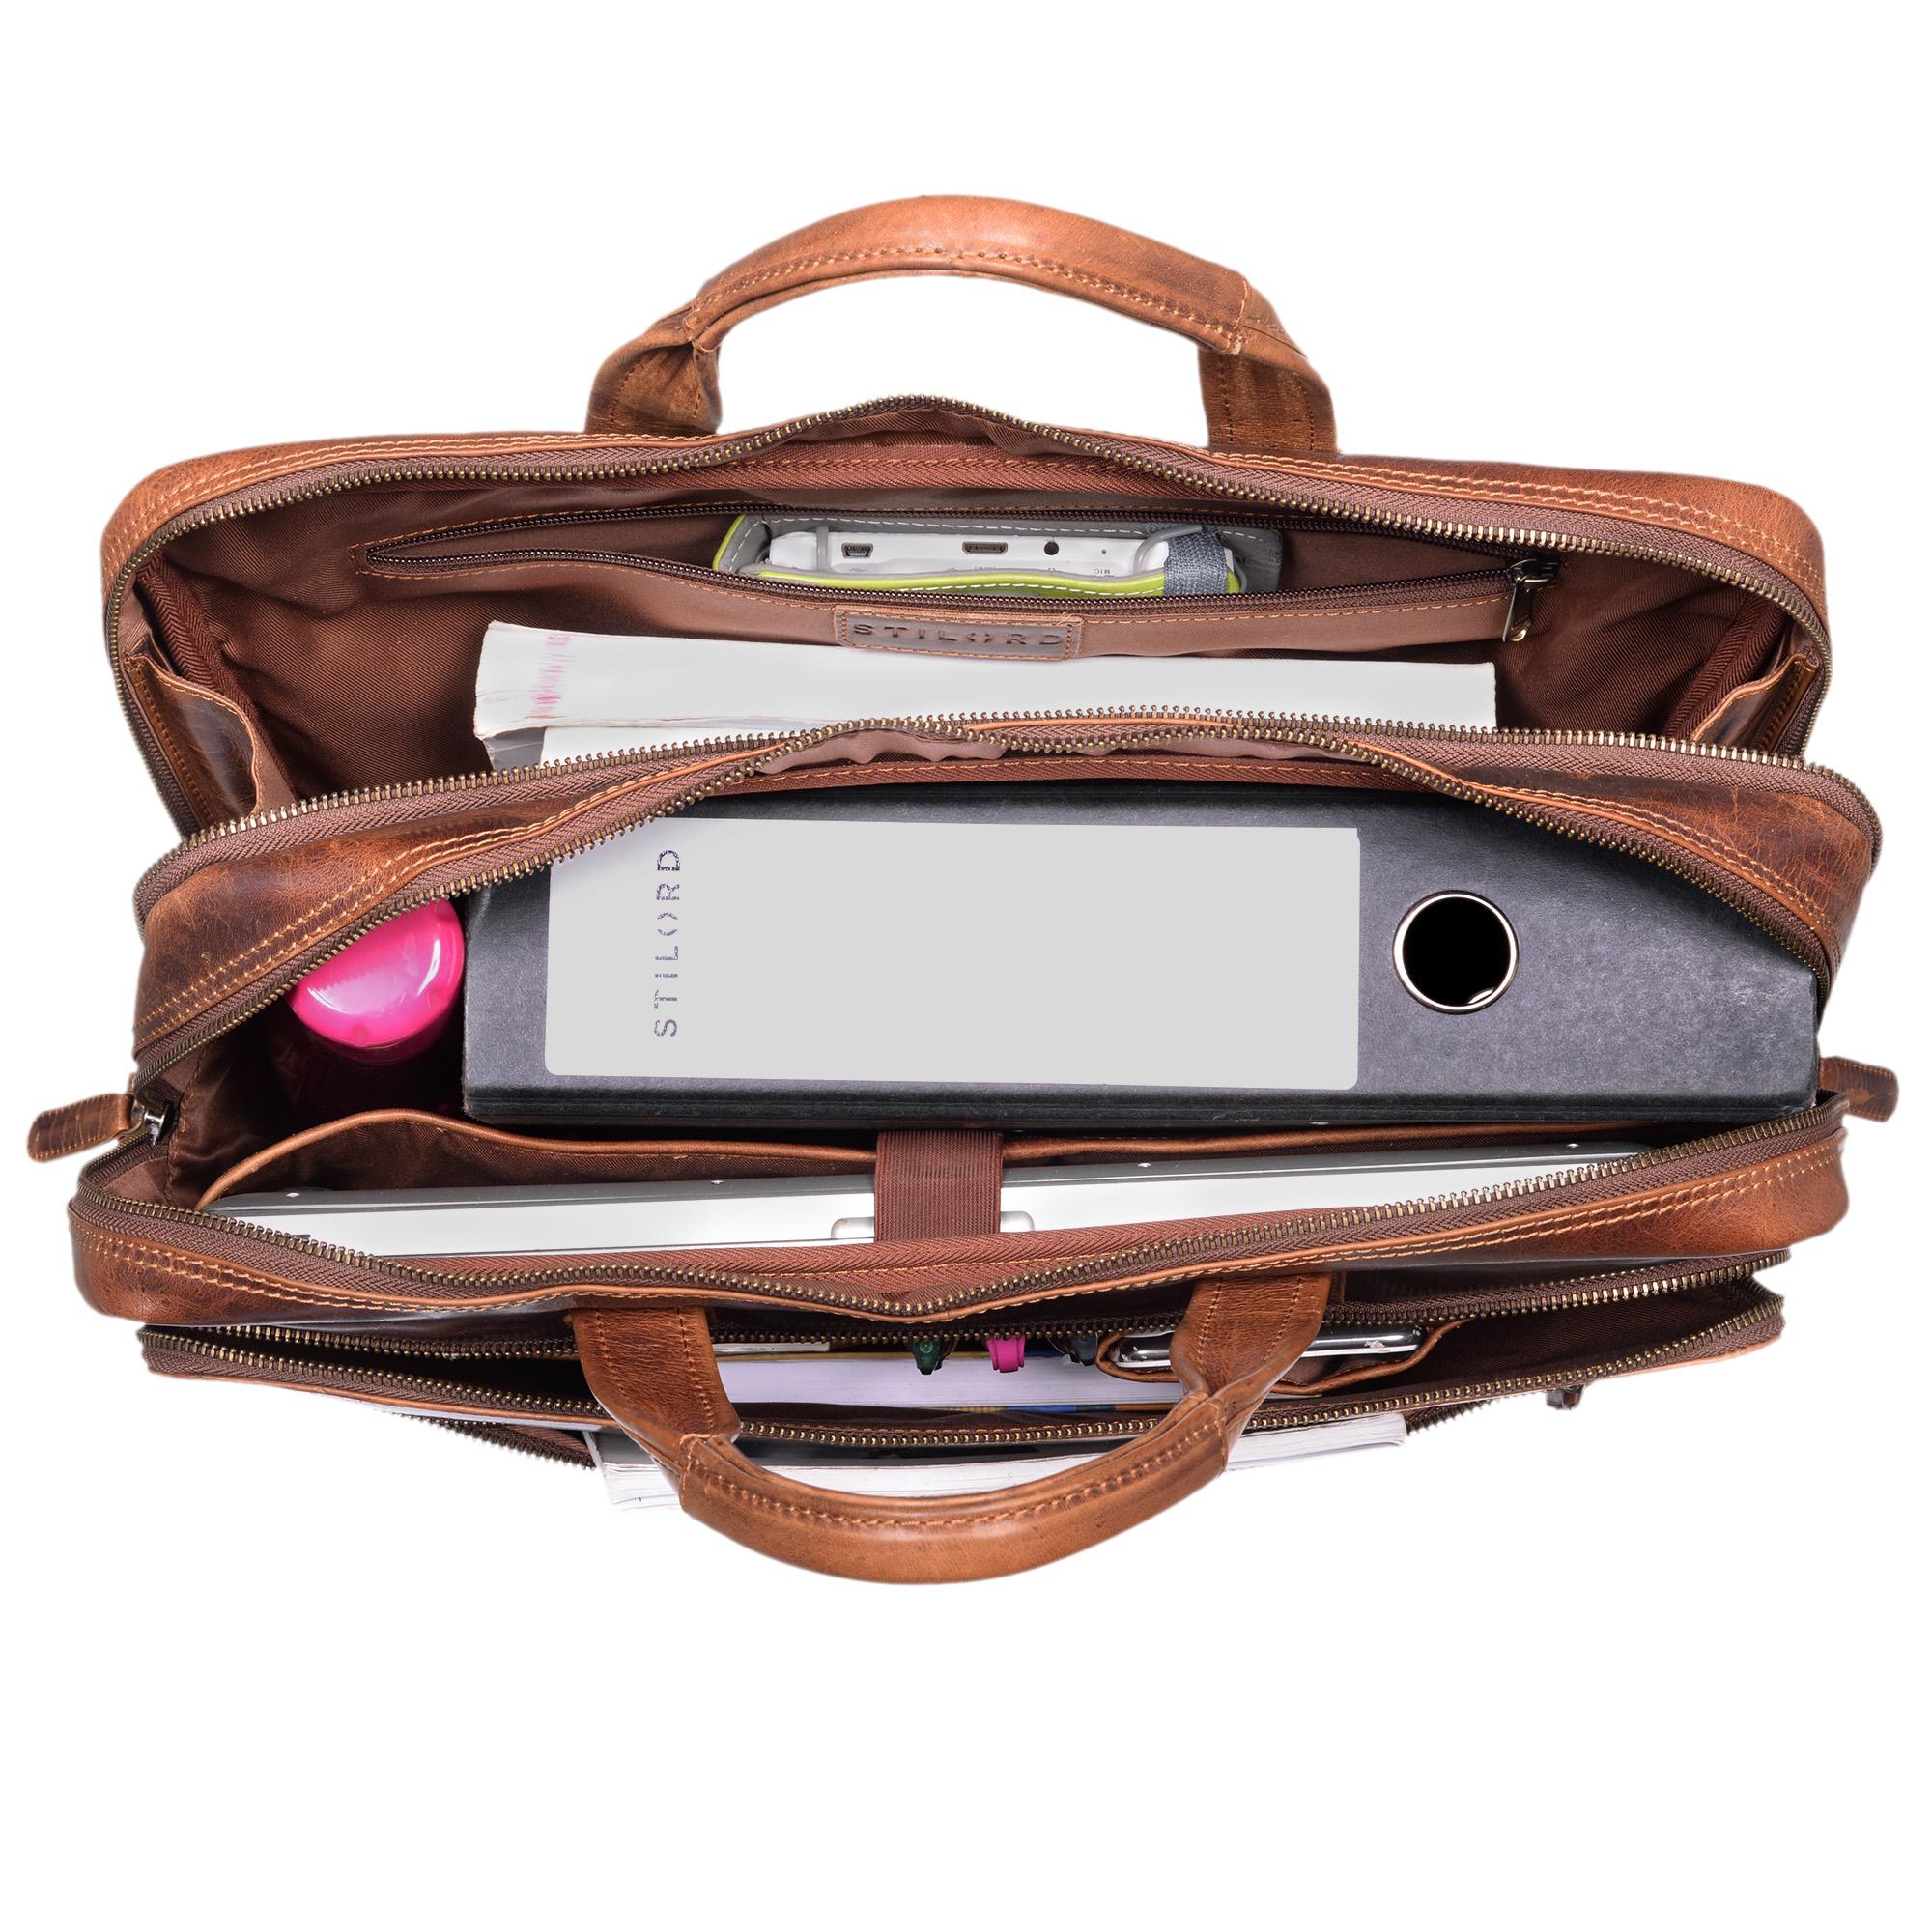 """STILORD """"William"""" Businesstasche Leder groß XL Lehrertasche Aktentasche 15,6 Zoll Laptoptasche Bürotasche Ledertasche Vintage Umhängetasche Echtleder - Bild 5"""